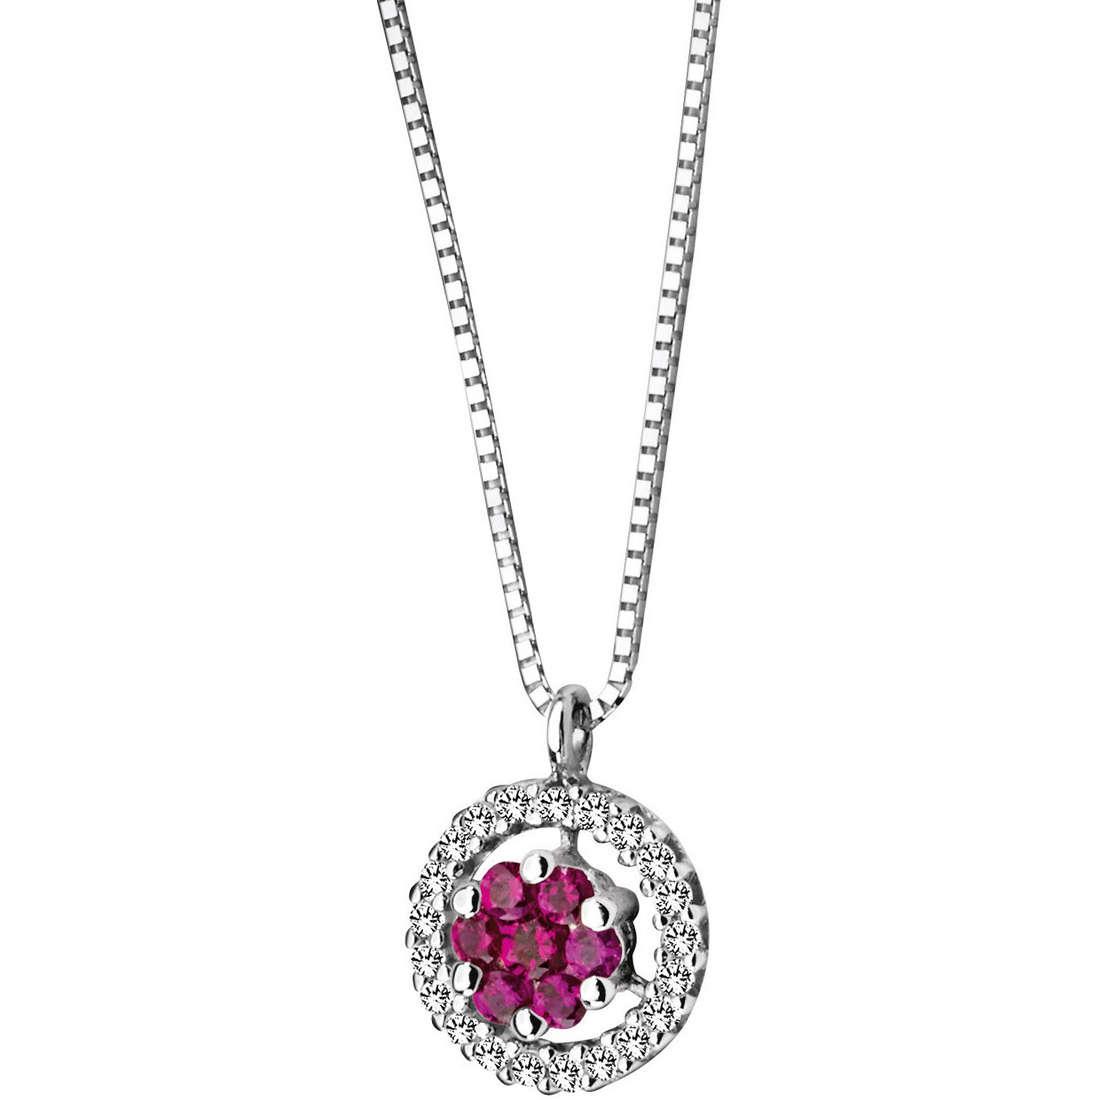 collana donna gioielli Comete Pietre preziose colorate GLB 623